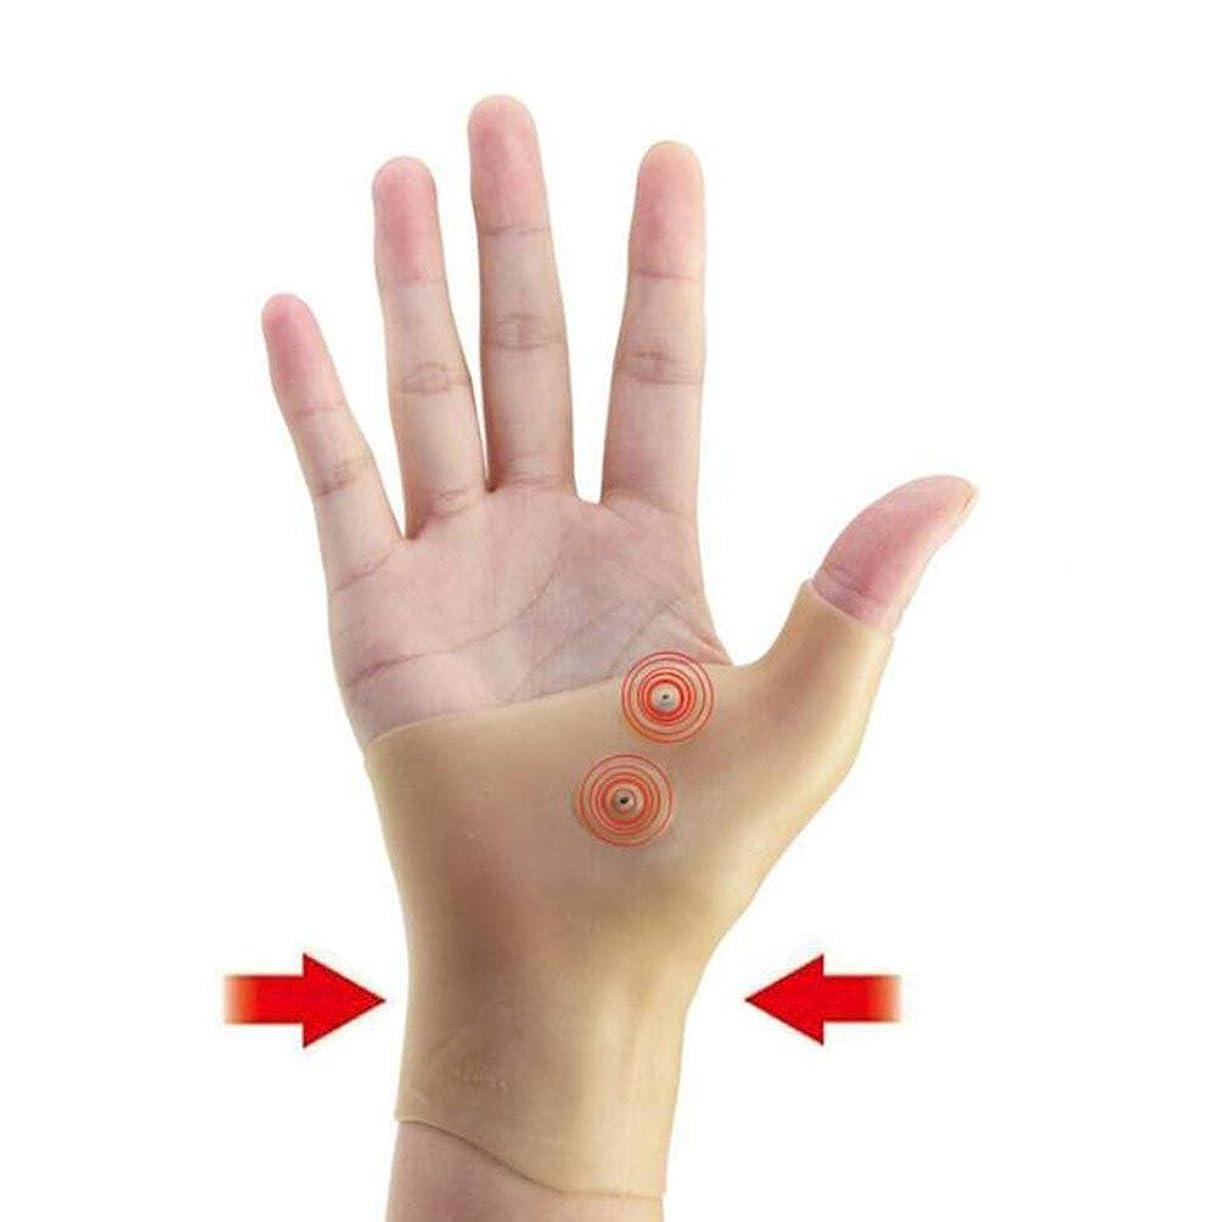 入り口怠戦い磁気療法手首手親指サポート手袋シリコーンゲル関節炎圧力矯正器マッサージ痛み緩和手袋 - 肌の色